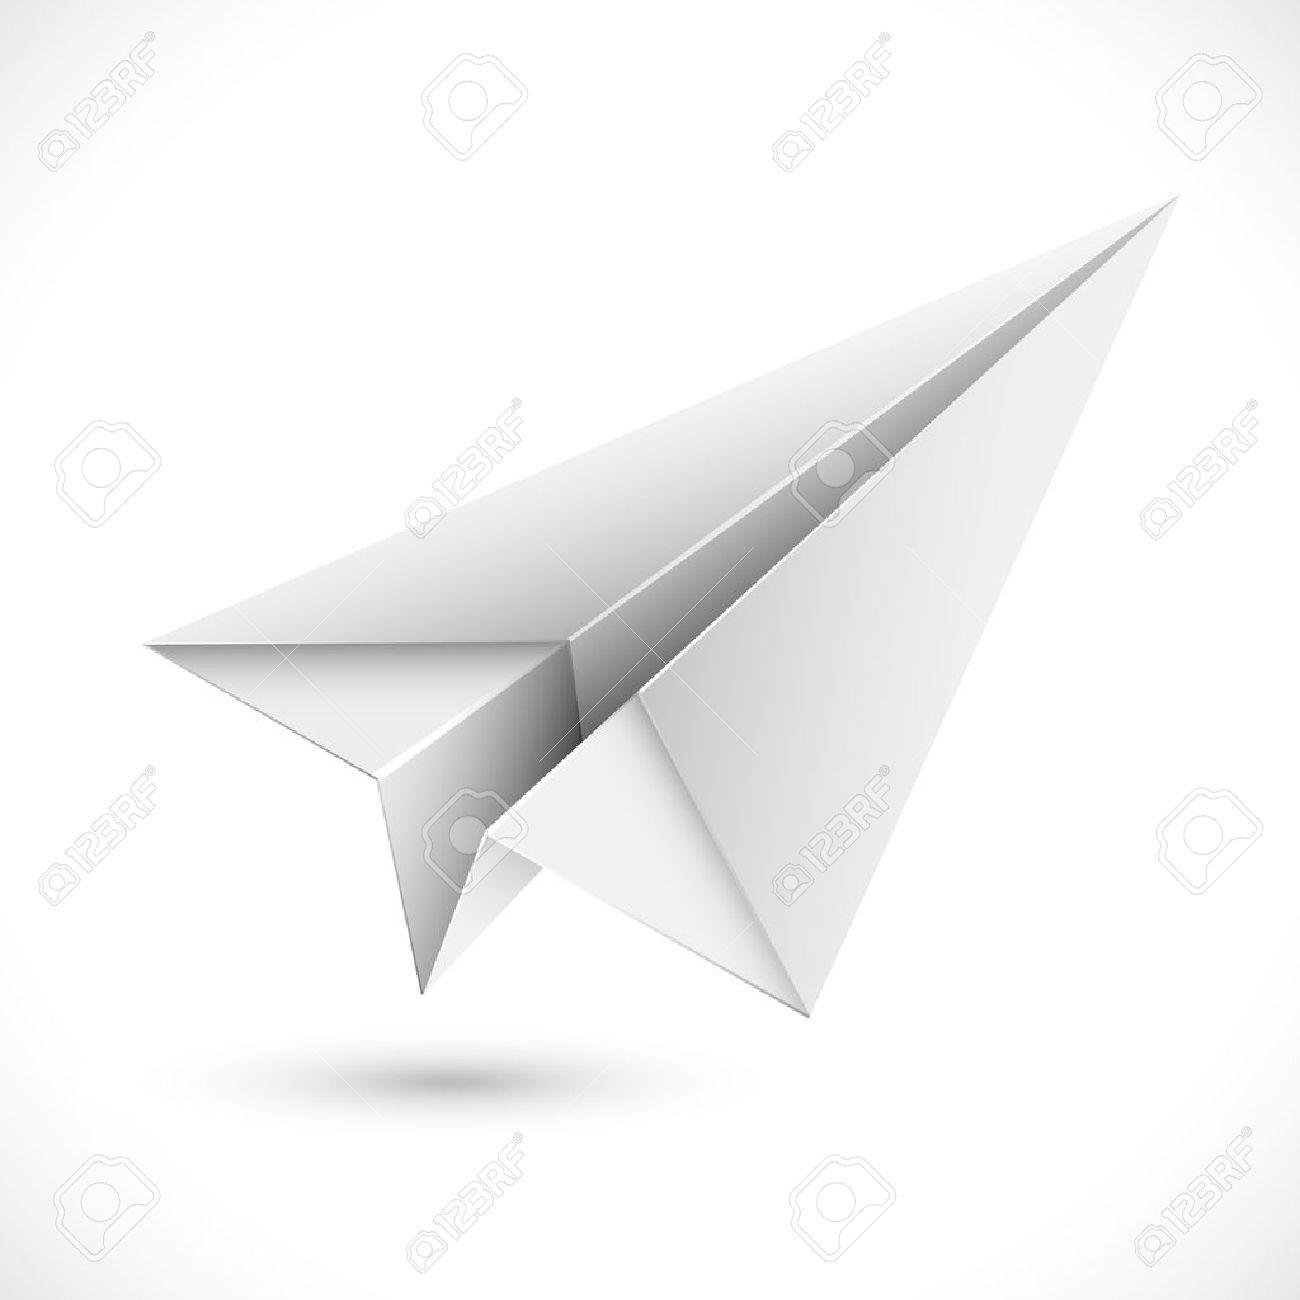 Darstellung Der Origami-Papier Flugzeug Auf Weißem Hintergrund ...